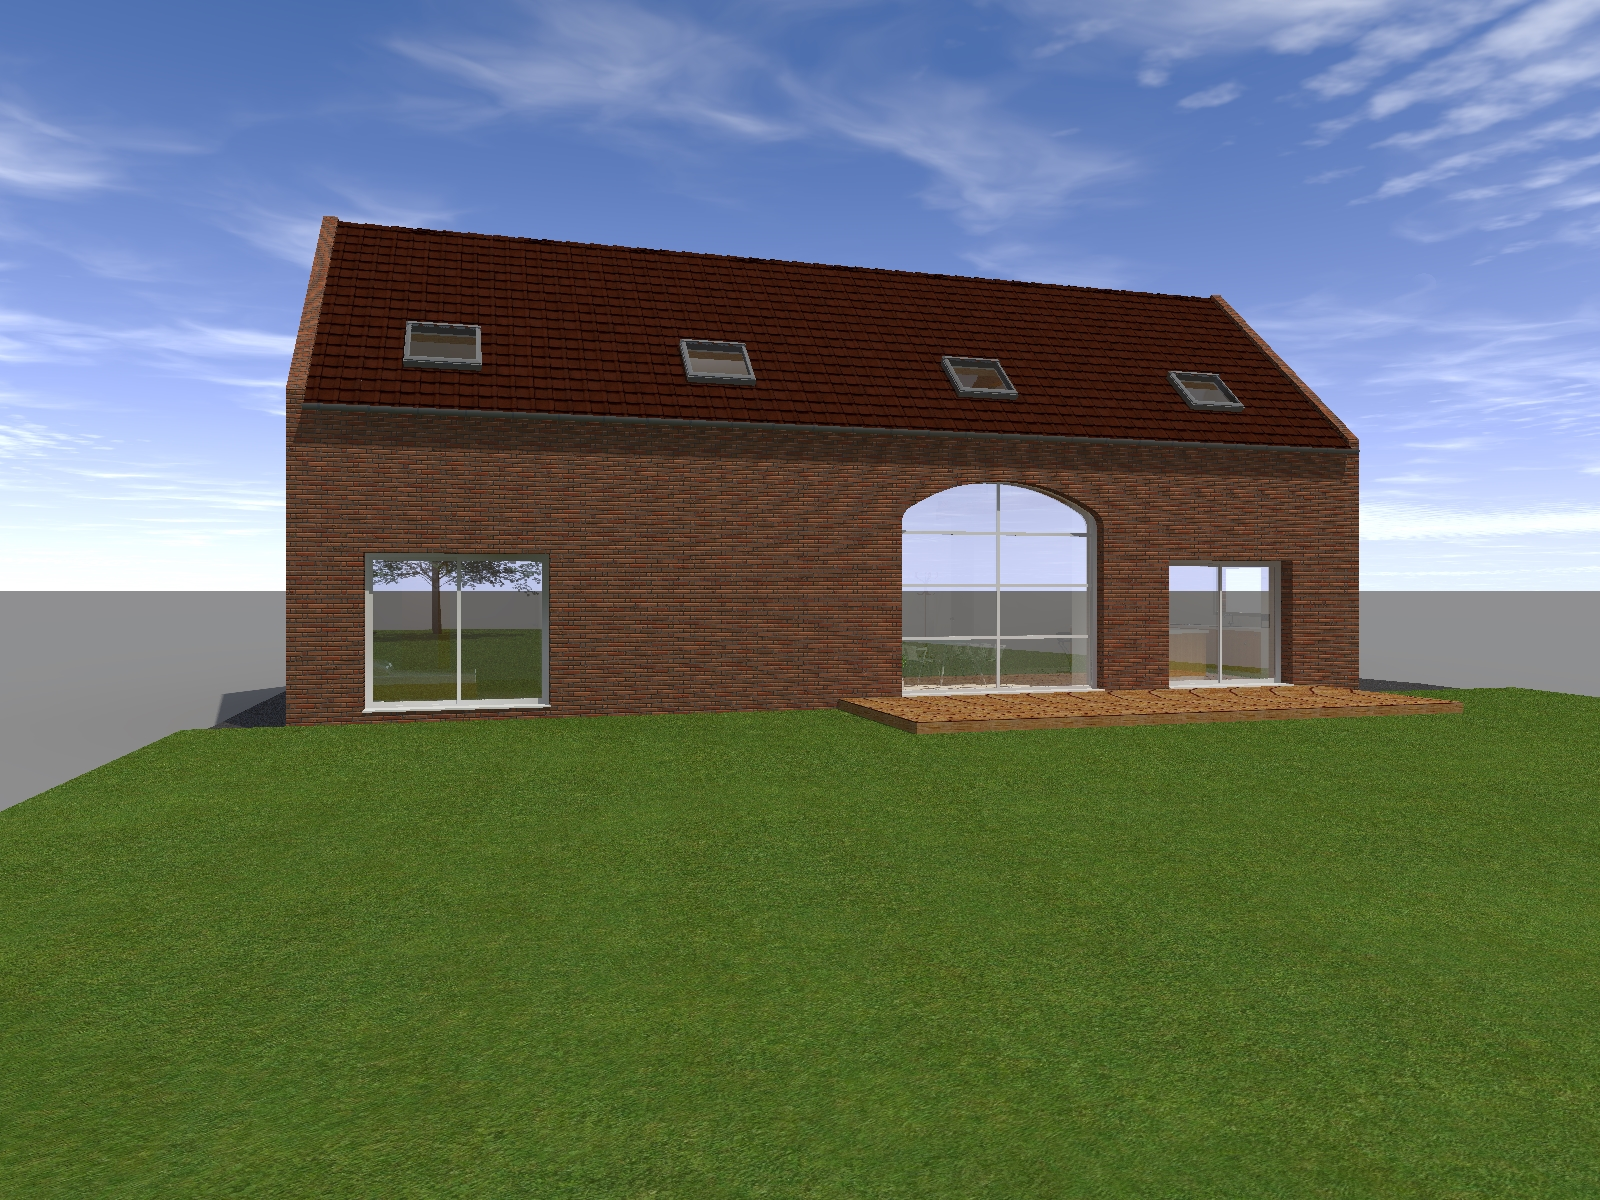 16-31-atelier-permis-de-construire-plans-grange13